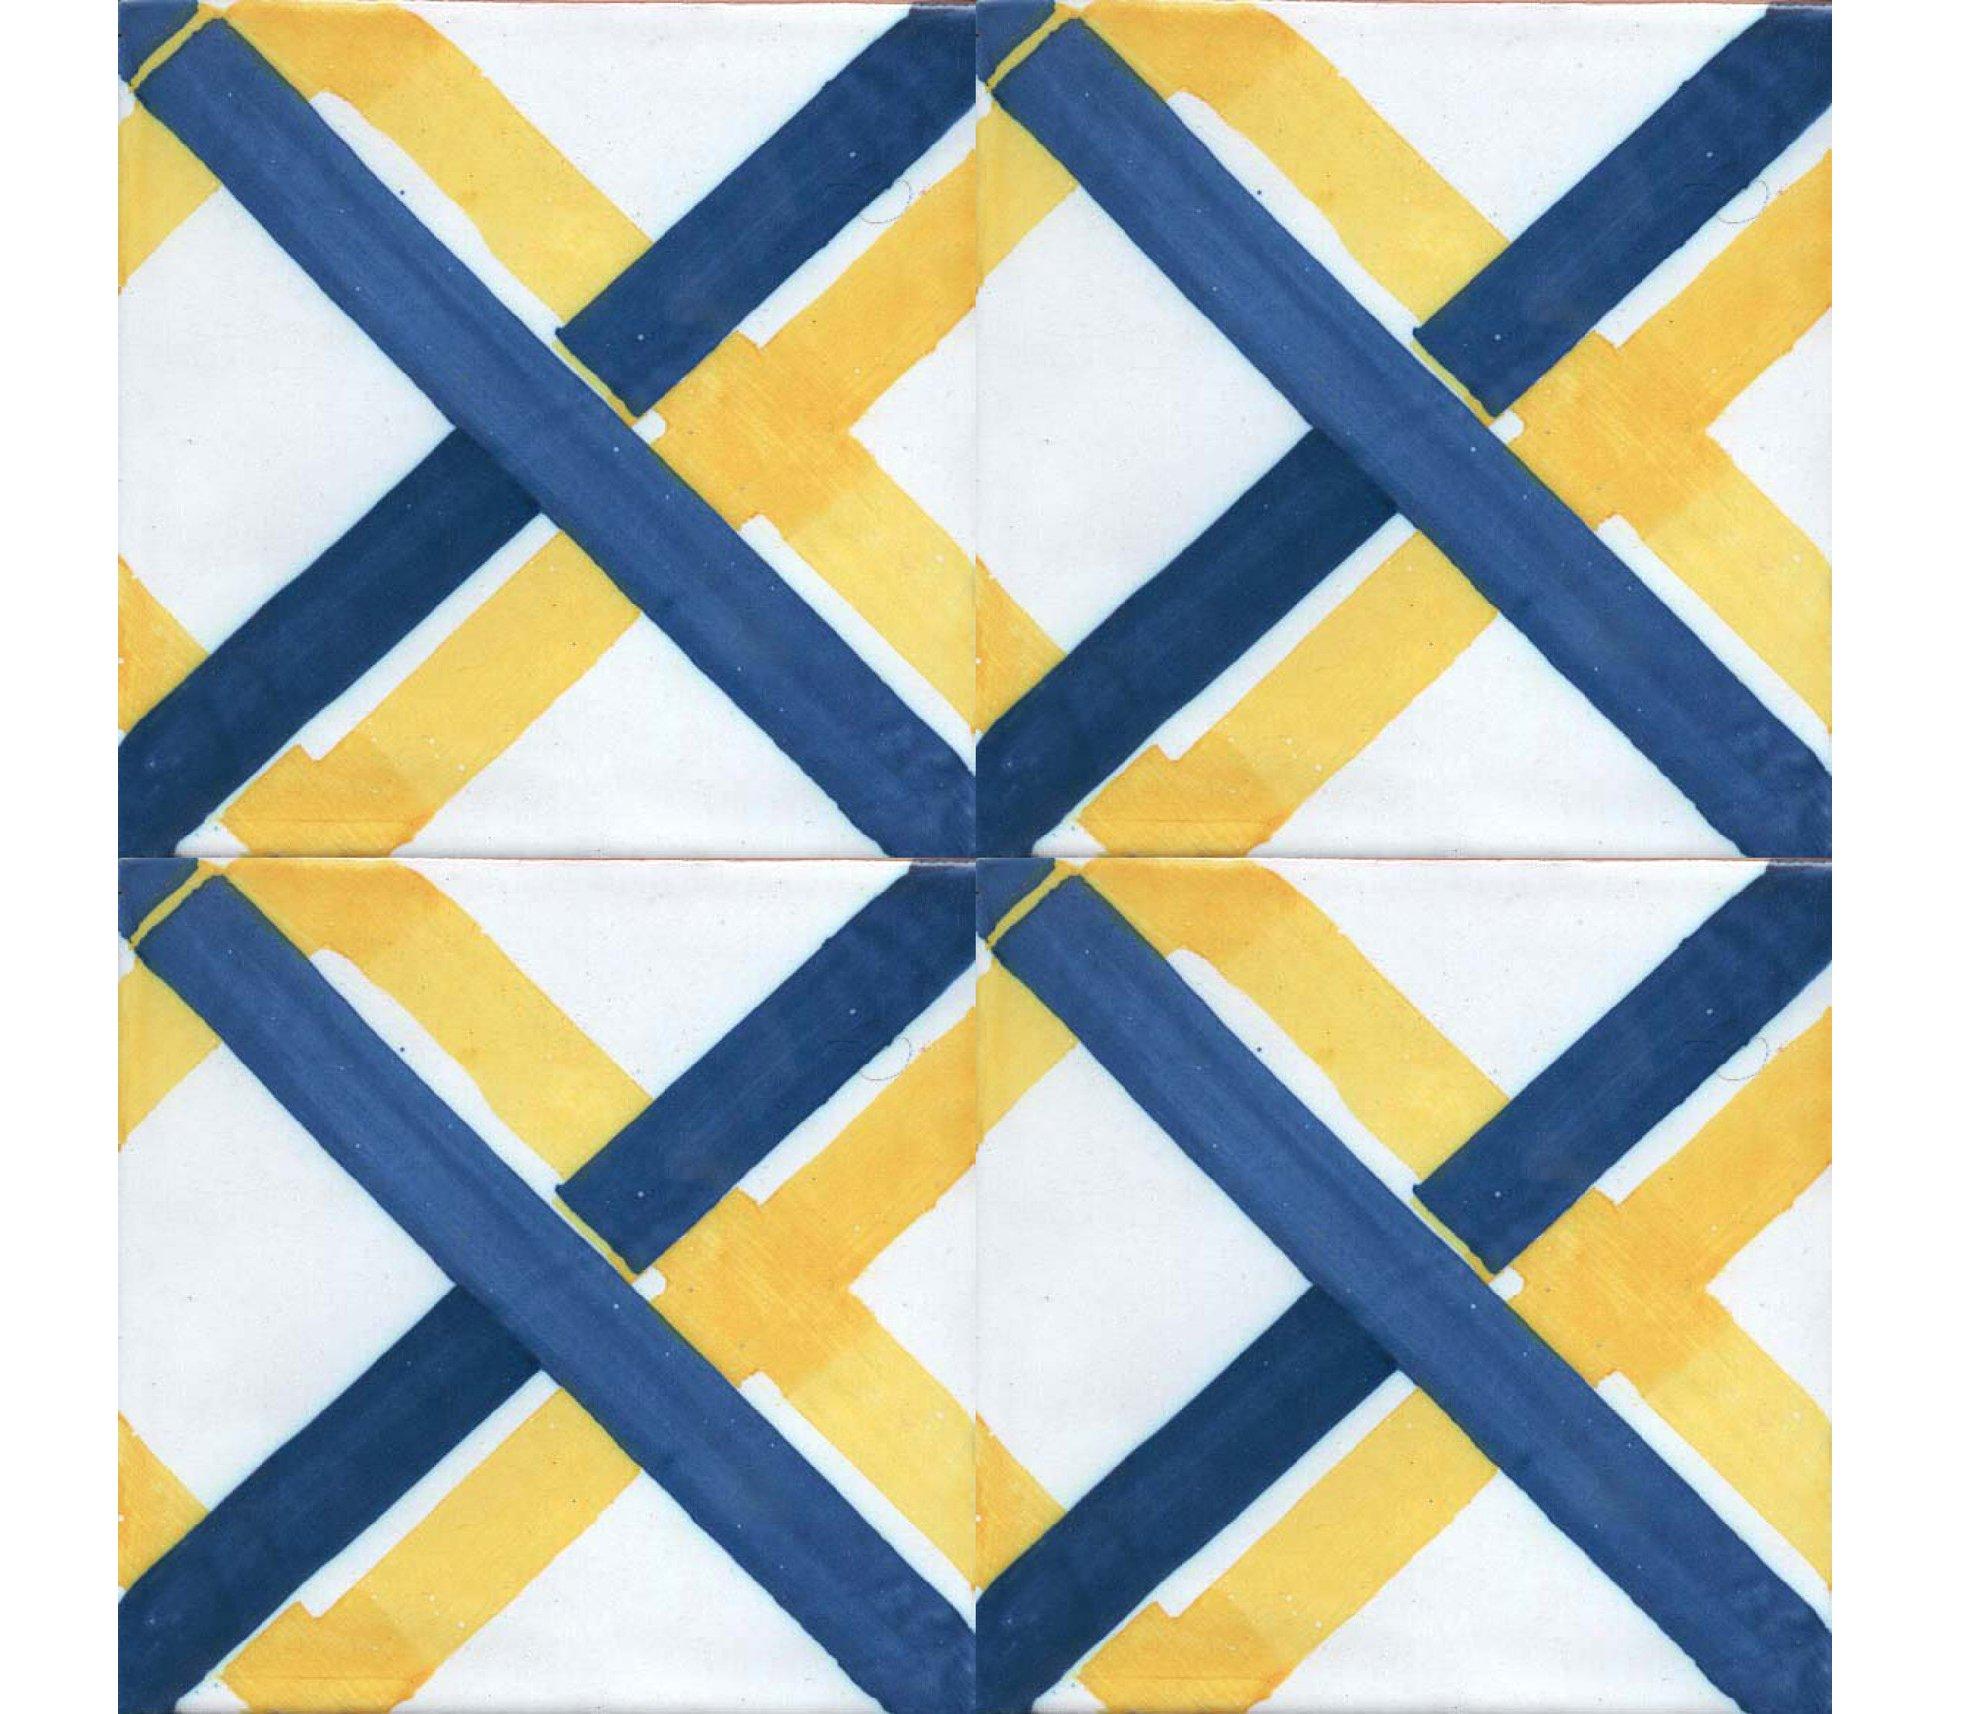 Balineum S series tiles